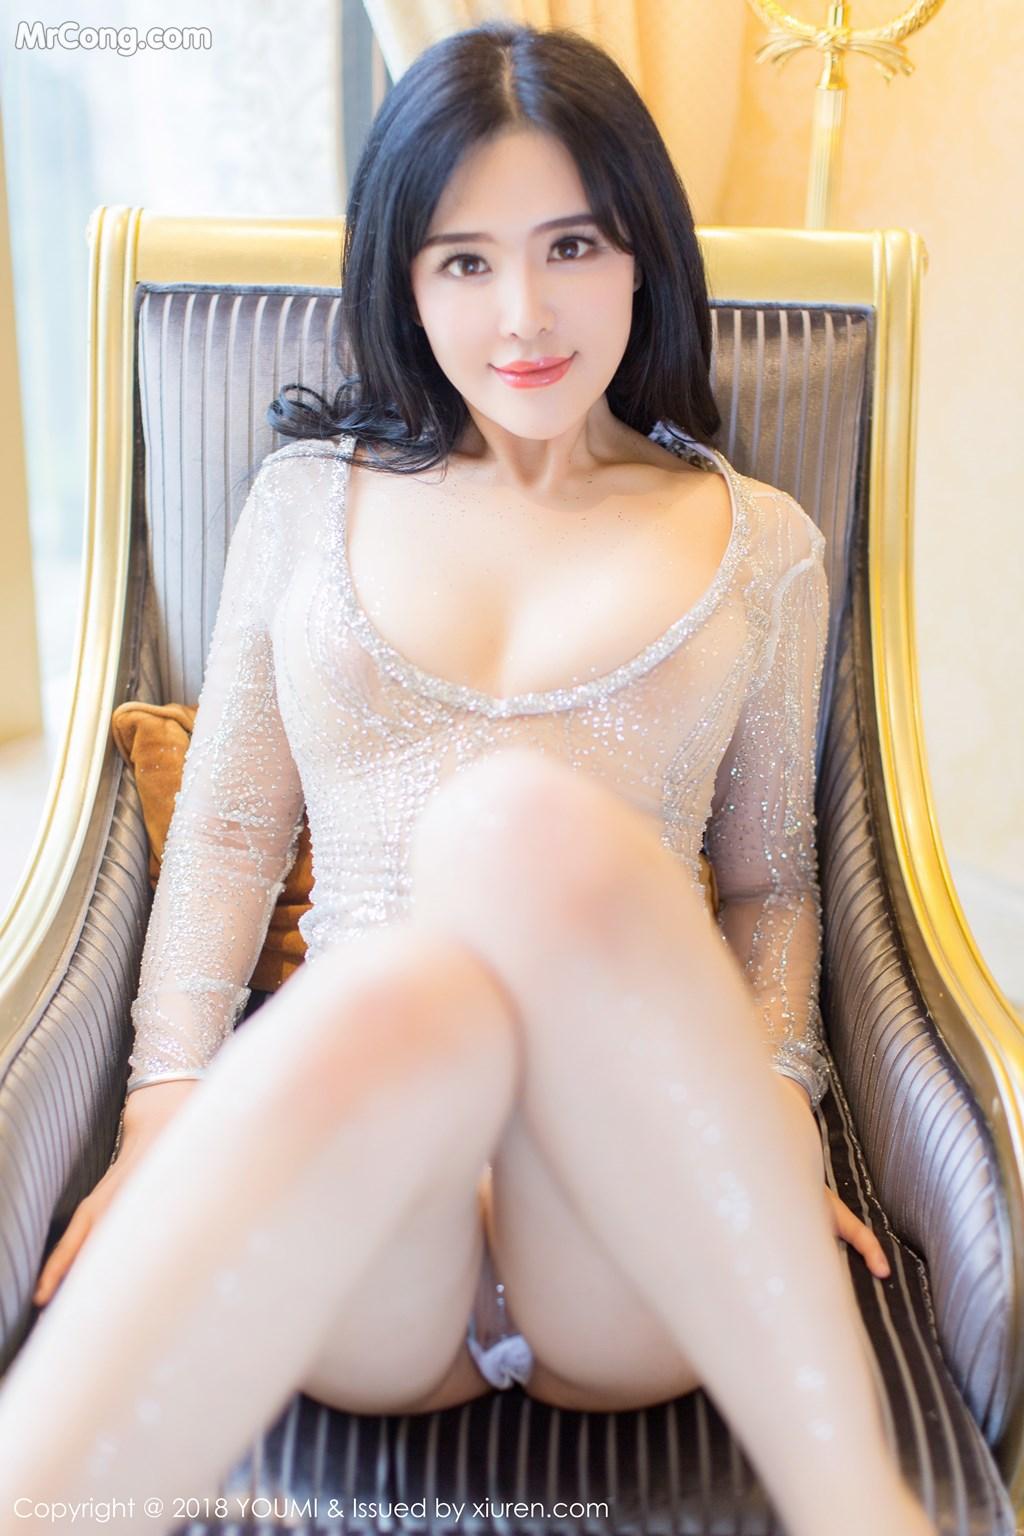 Image YouMi-Vol.124-Liu-Yu-Er-MrCong.com-016 in post YouMi Vol.124: Người mẫu Liu Yu Er (刘钰儿) (41 ảnh)